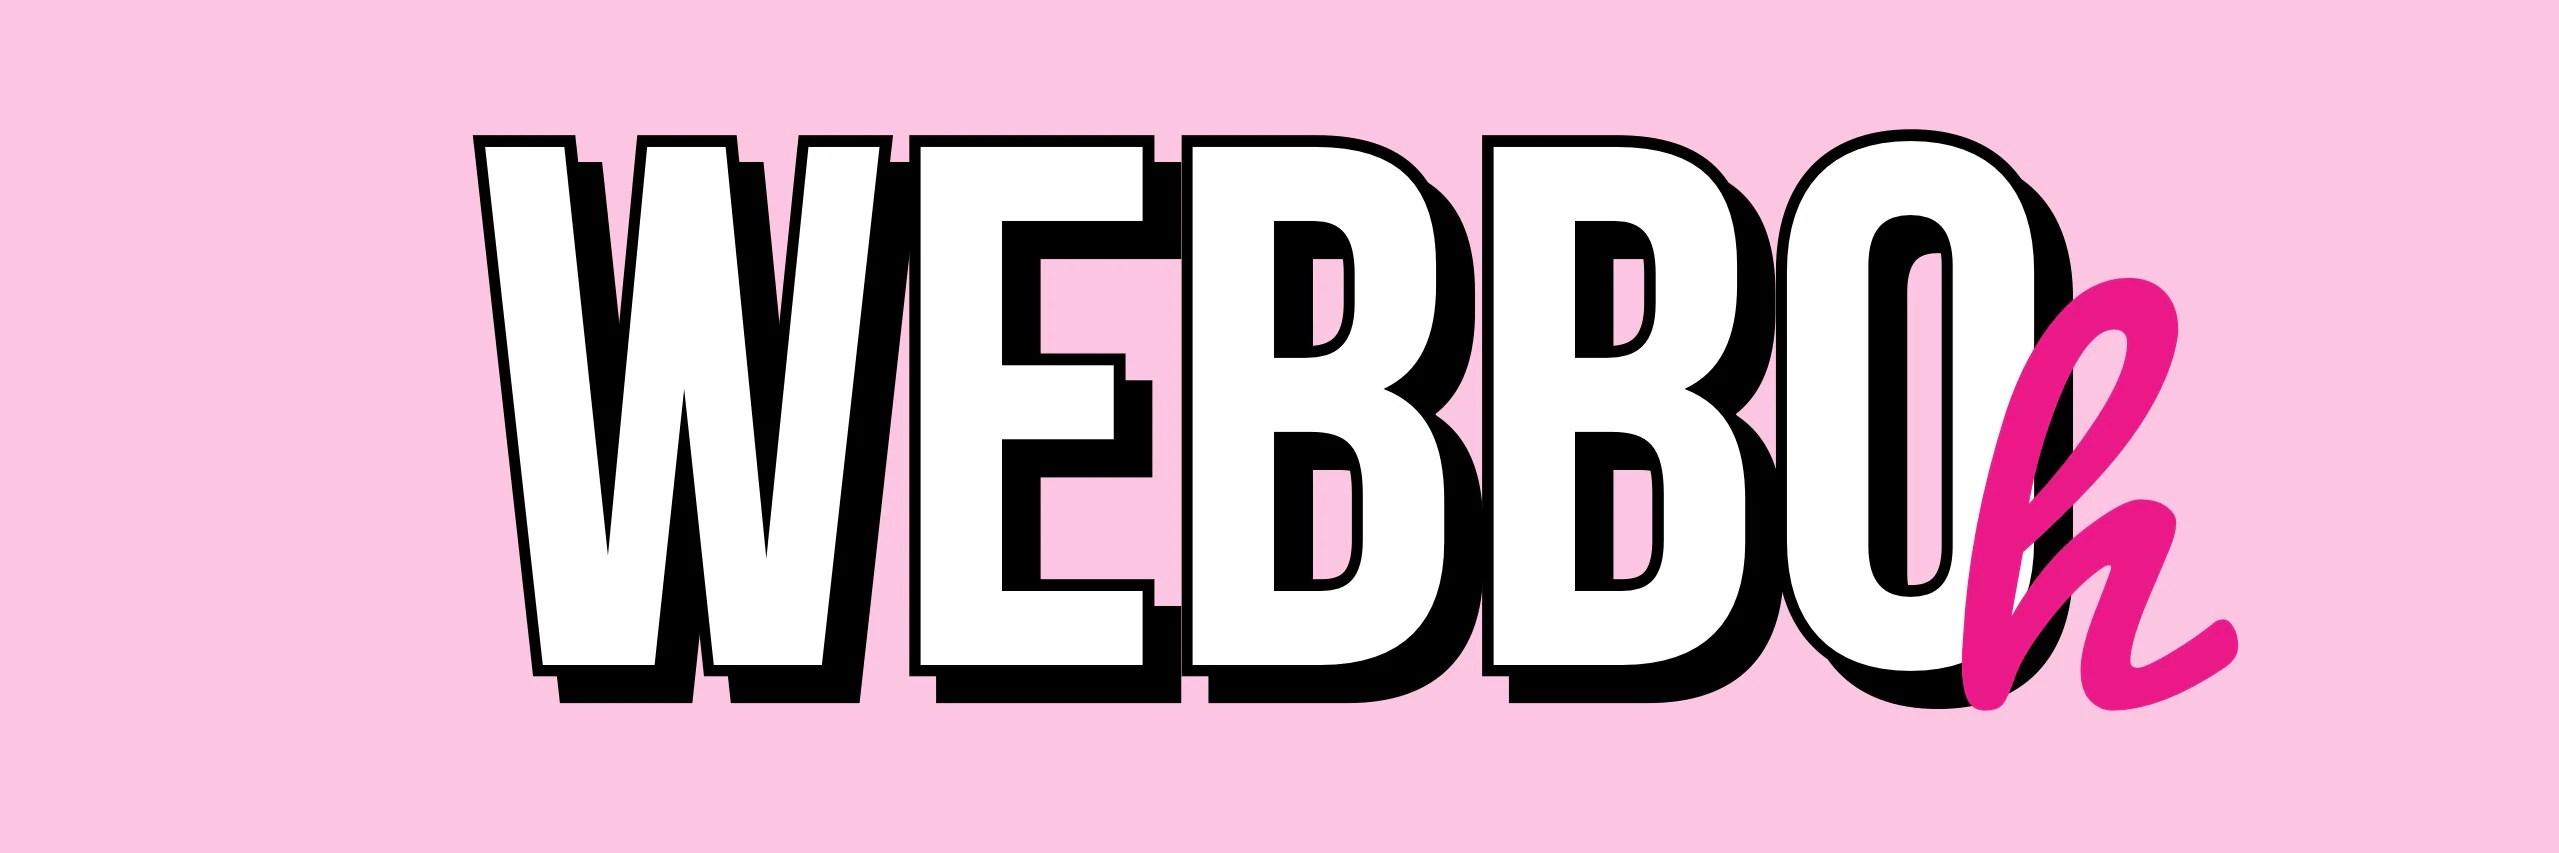 Webboh